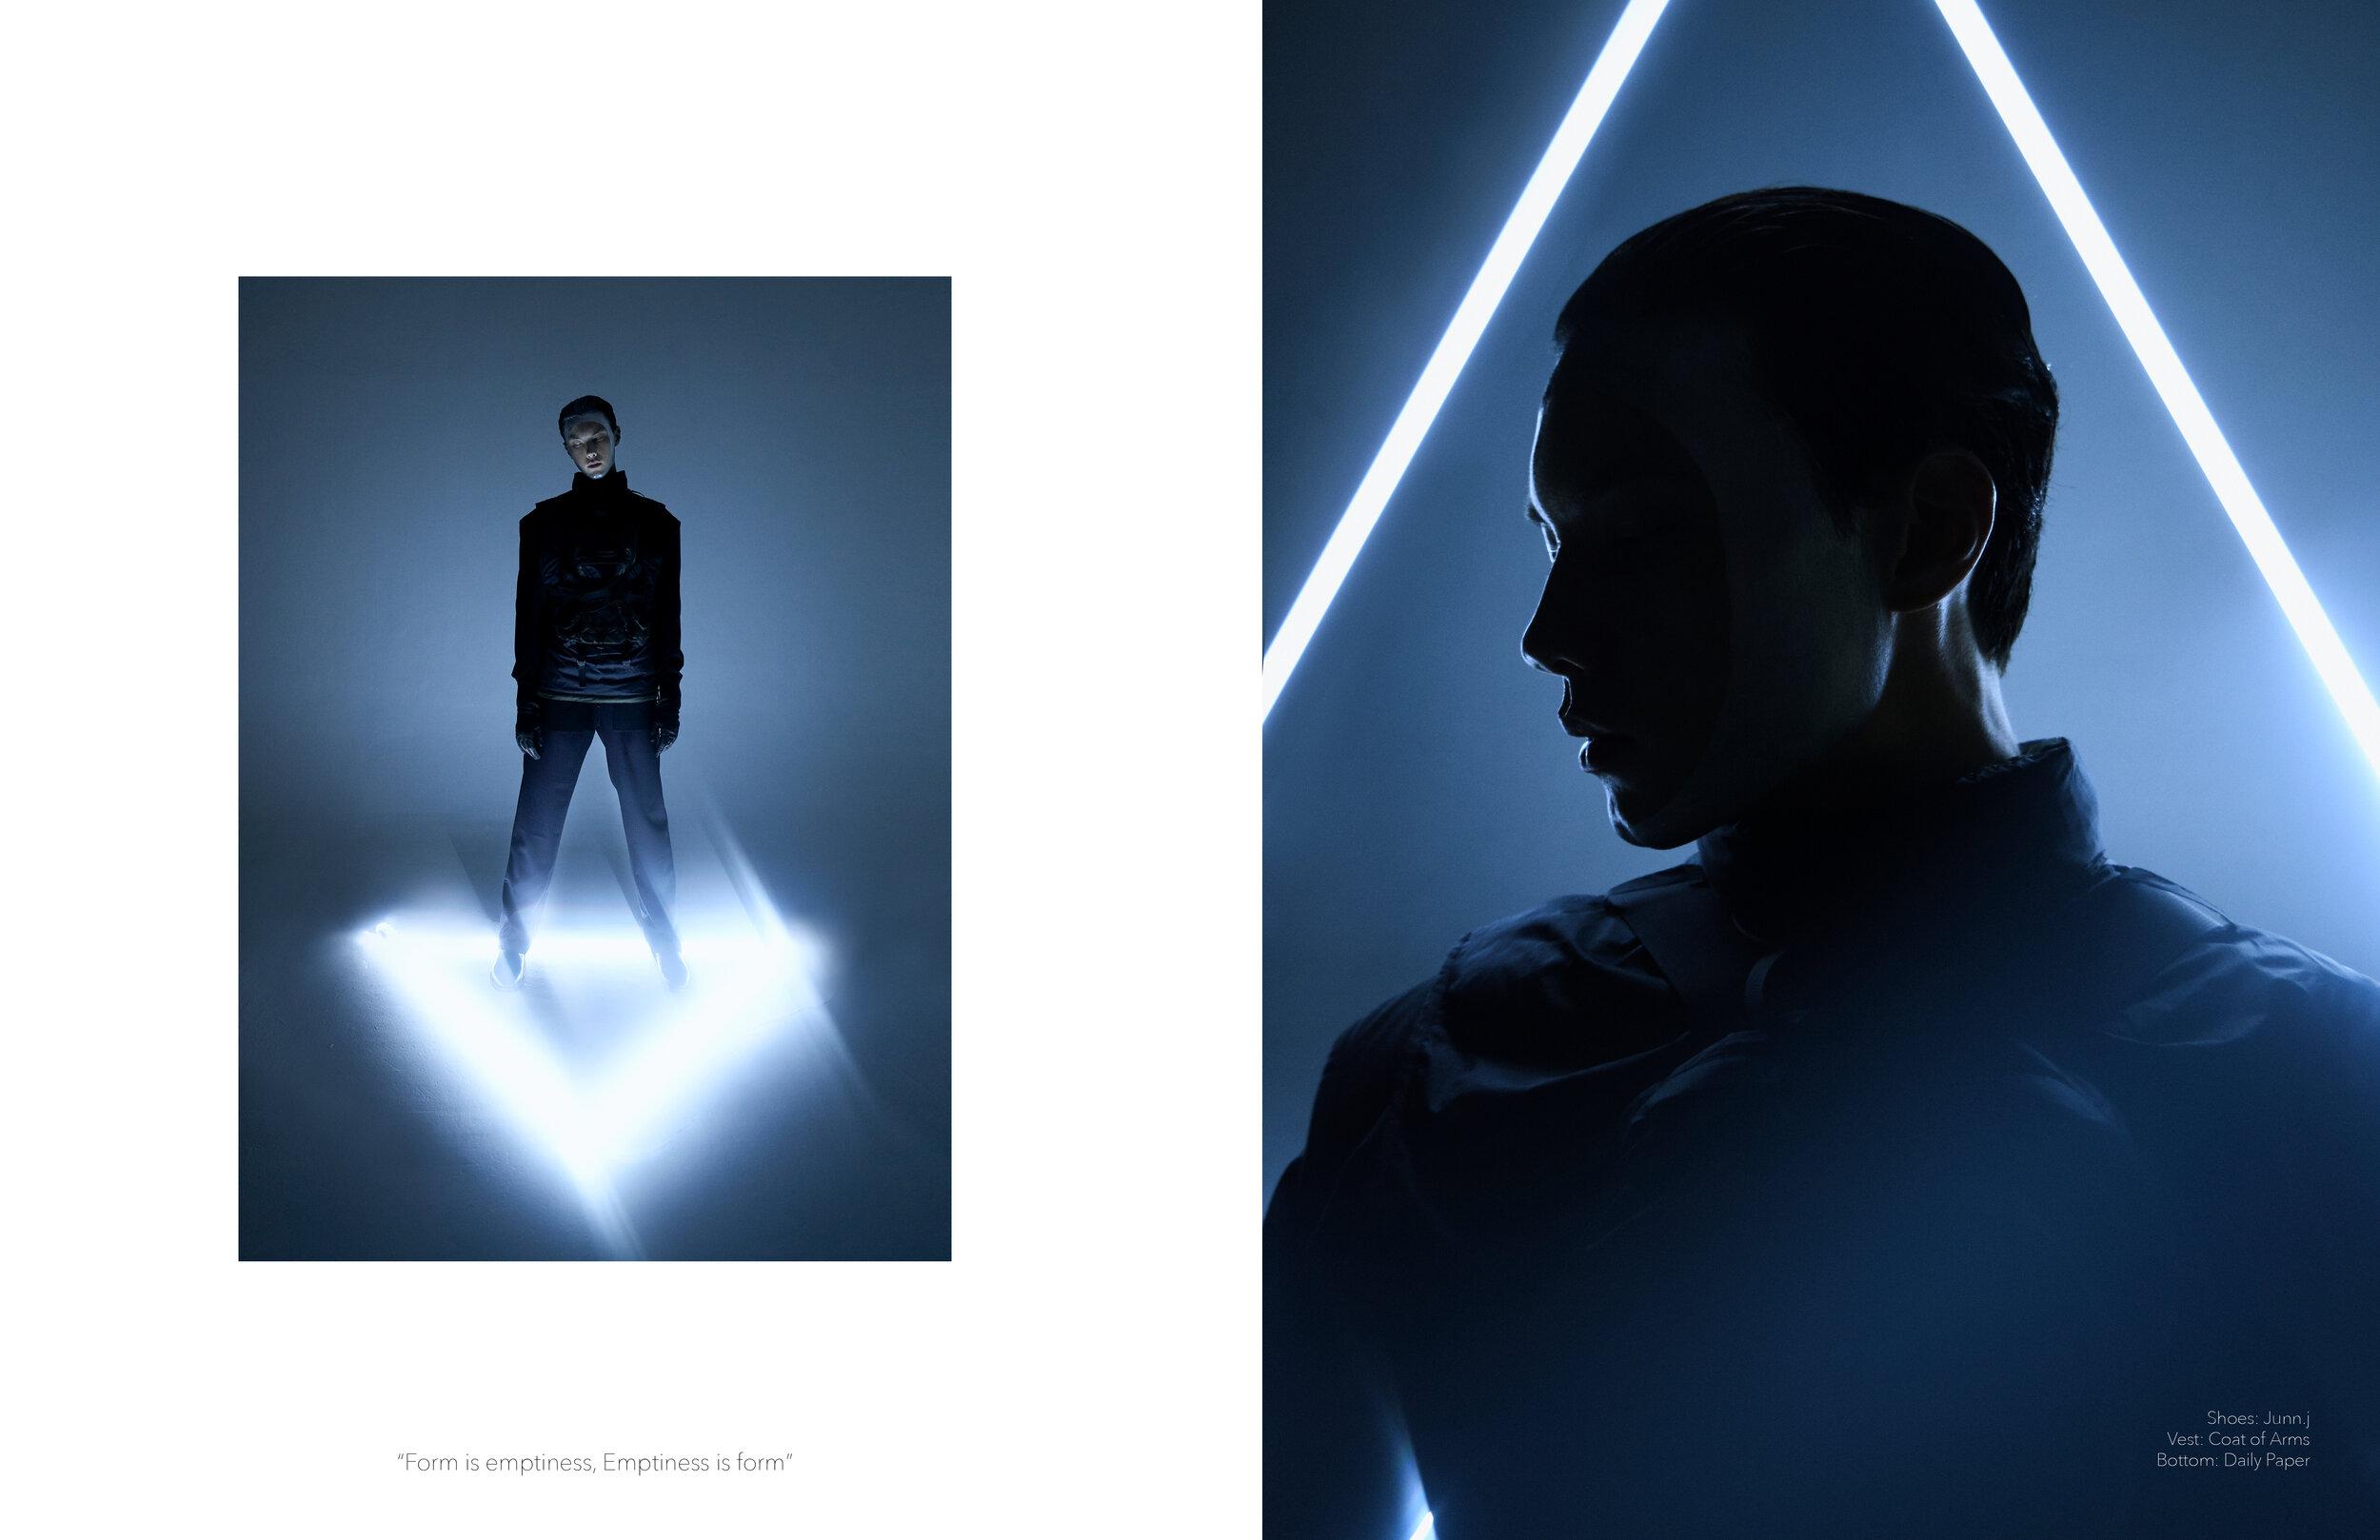 form is emptiness - pdf11.jpg